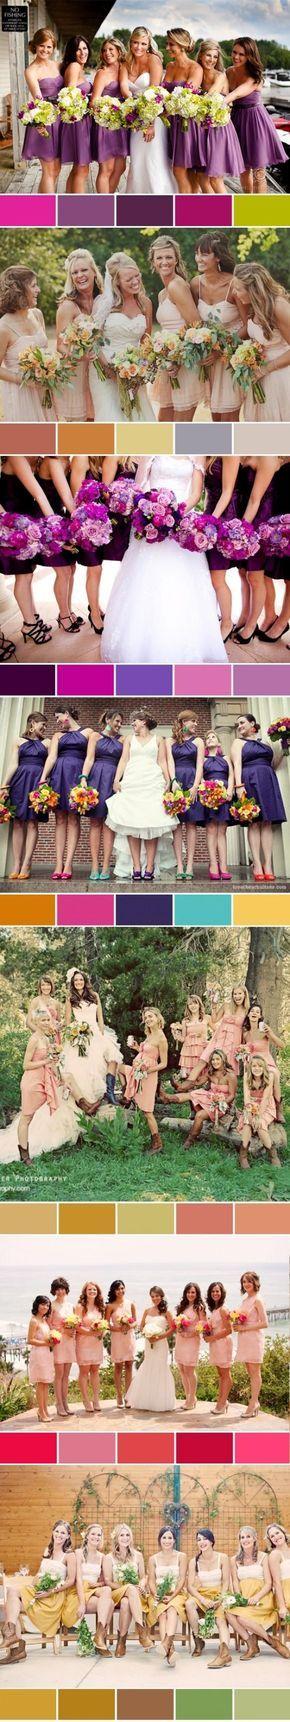 Demoiselles d'honneur, possibilités de couleur !